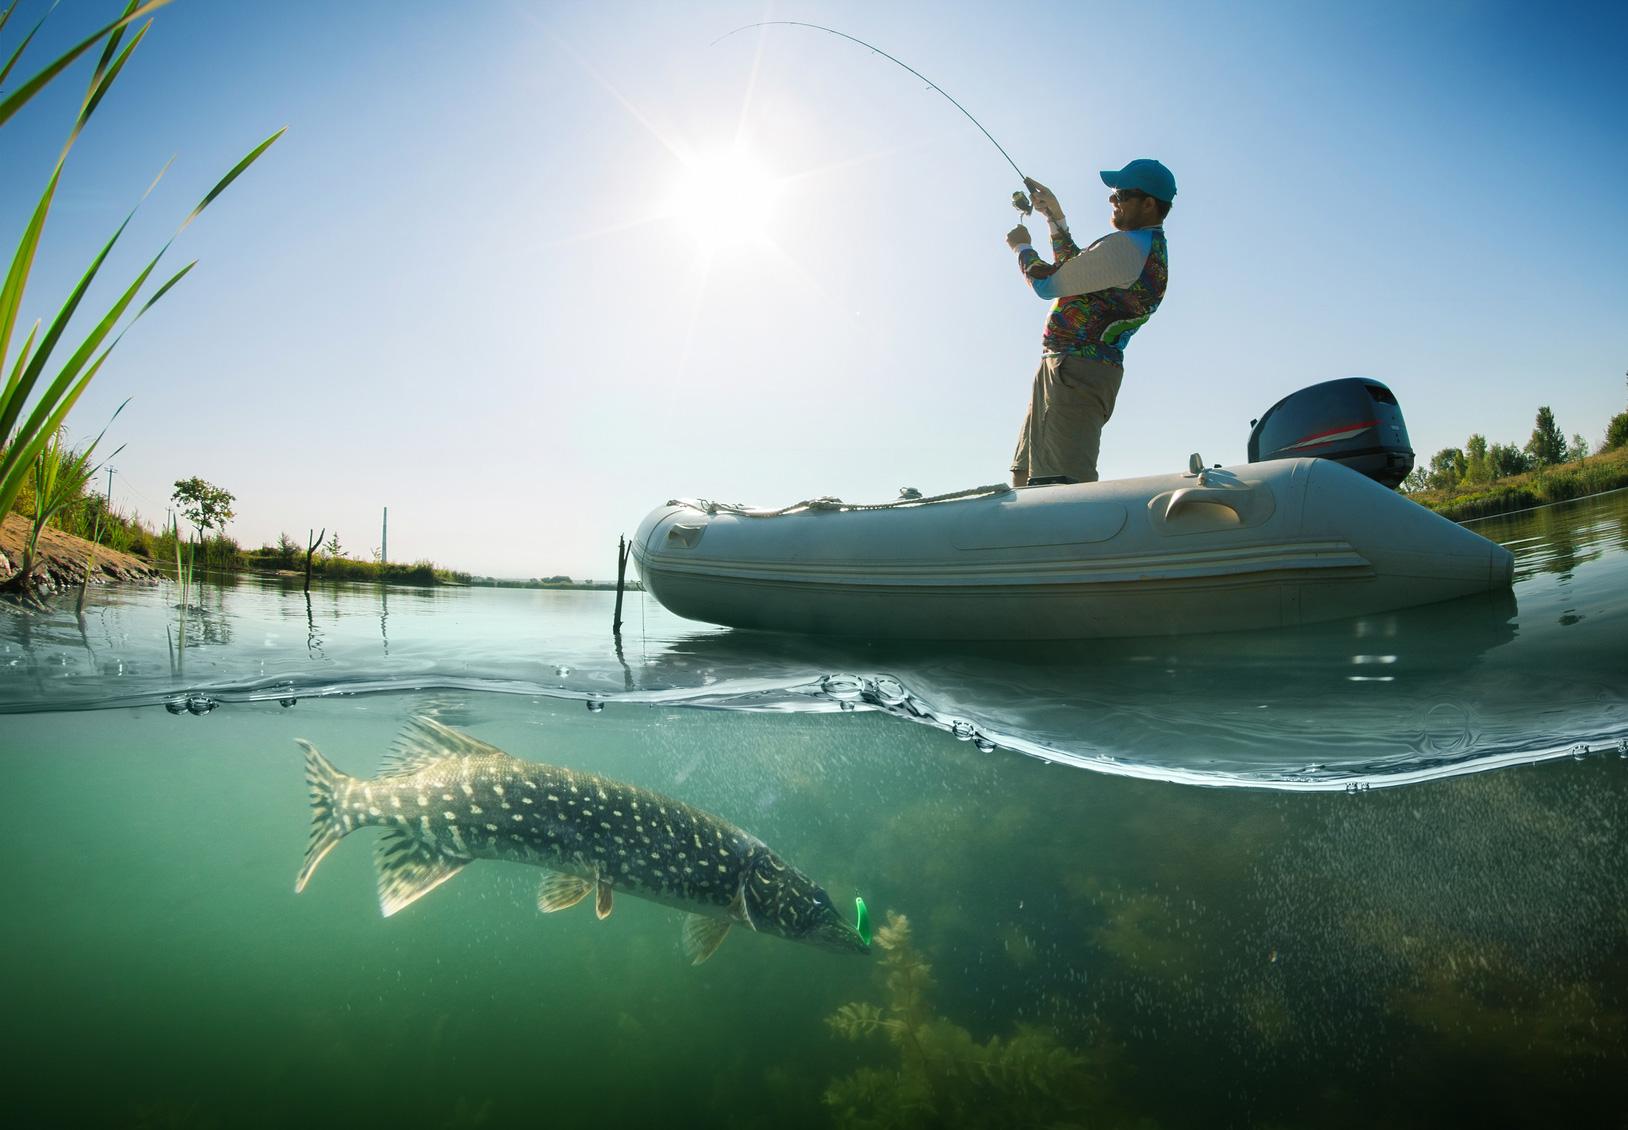 Gute Werbung – erfolgreiche Werbung: Der Köder muss dem Fisch schmecken, nicht dem Angler.